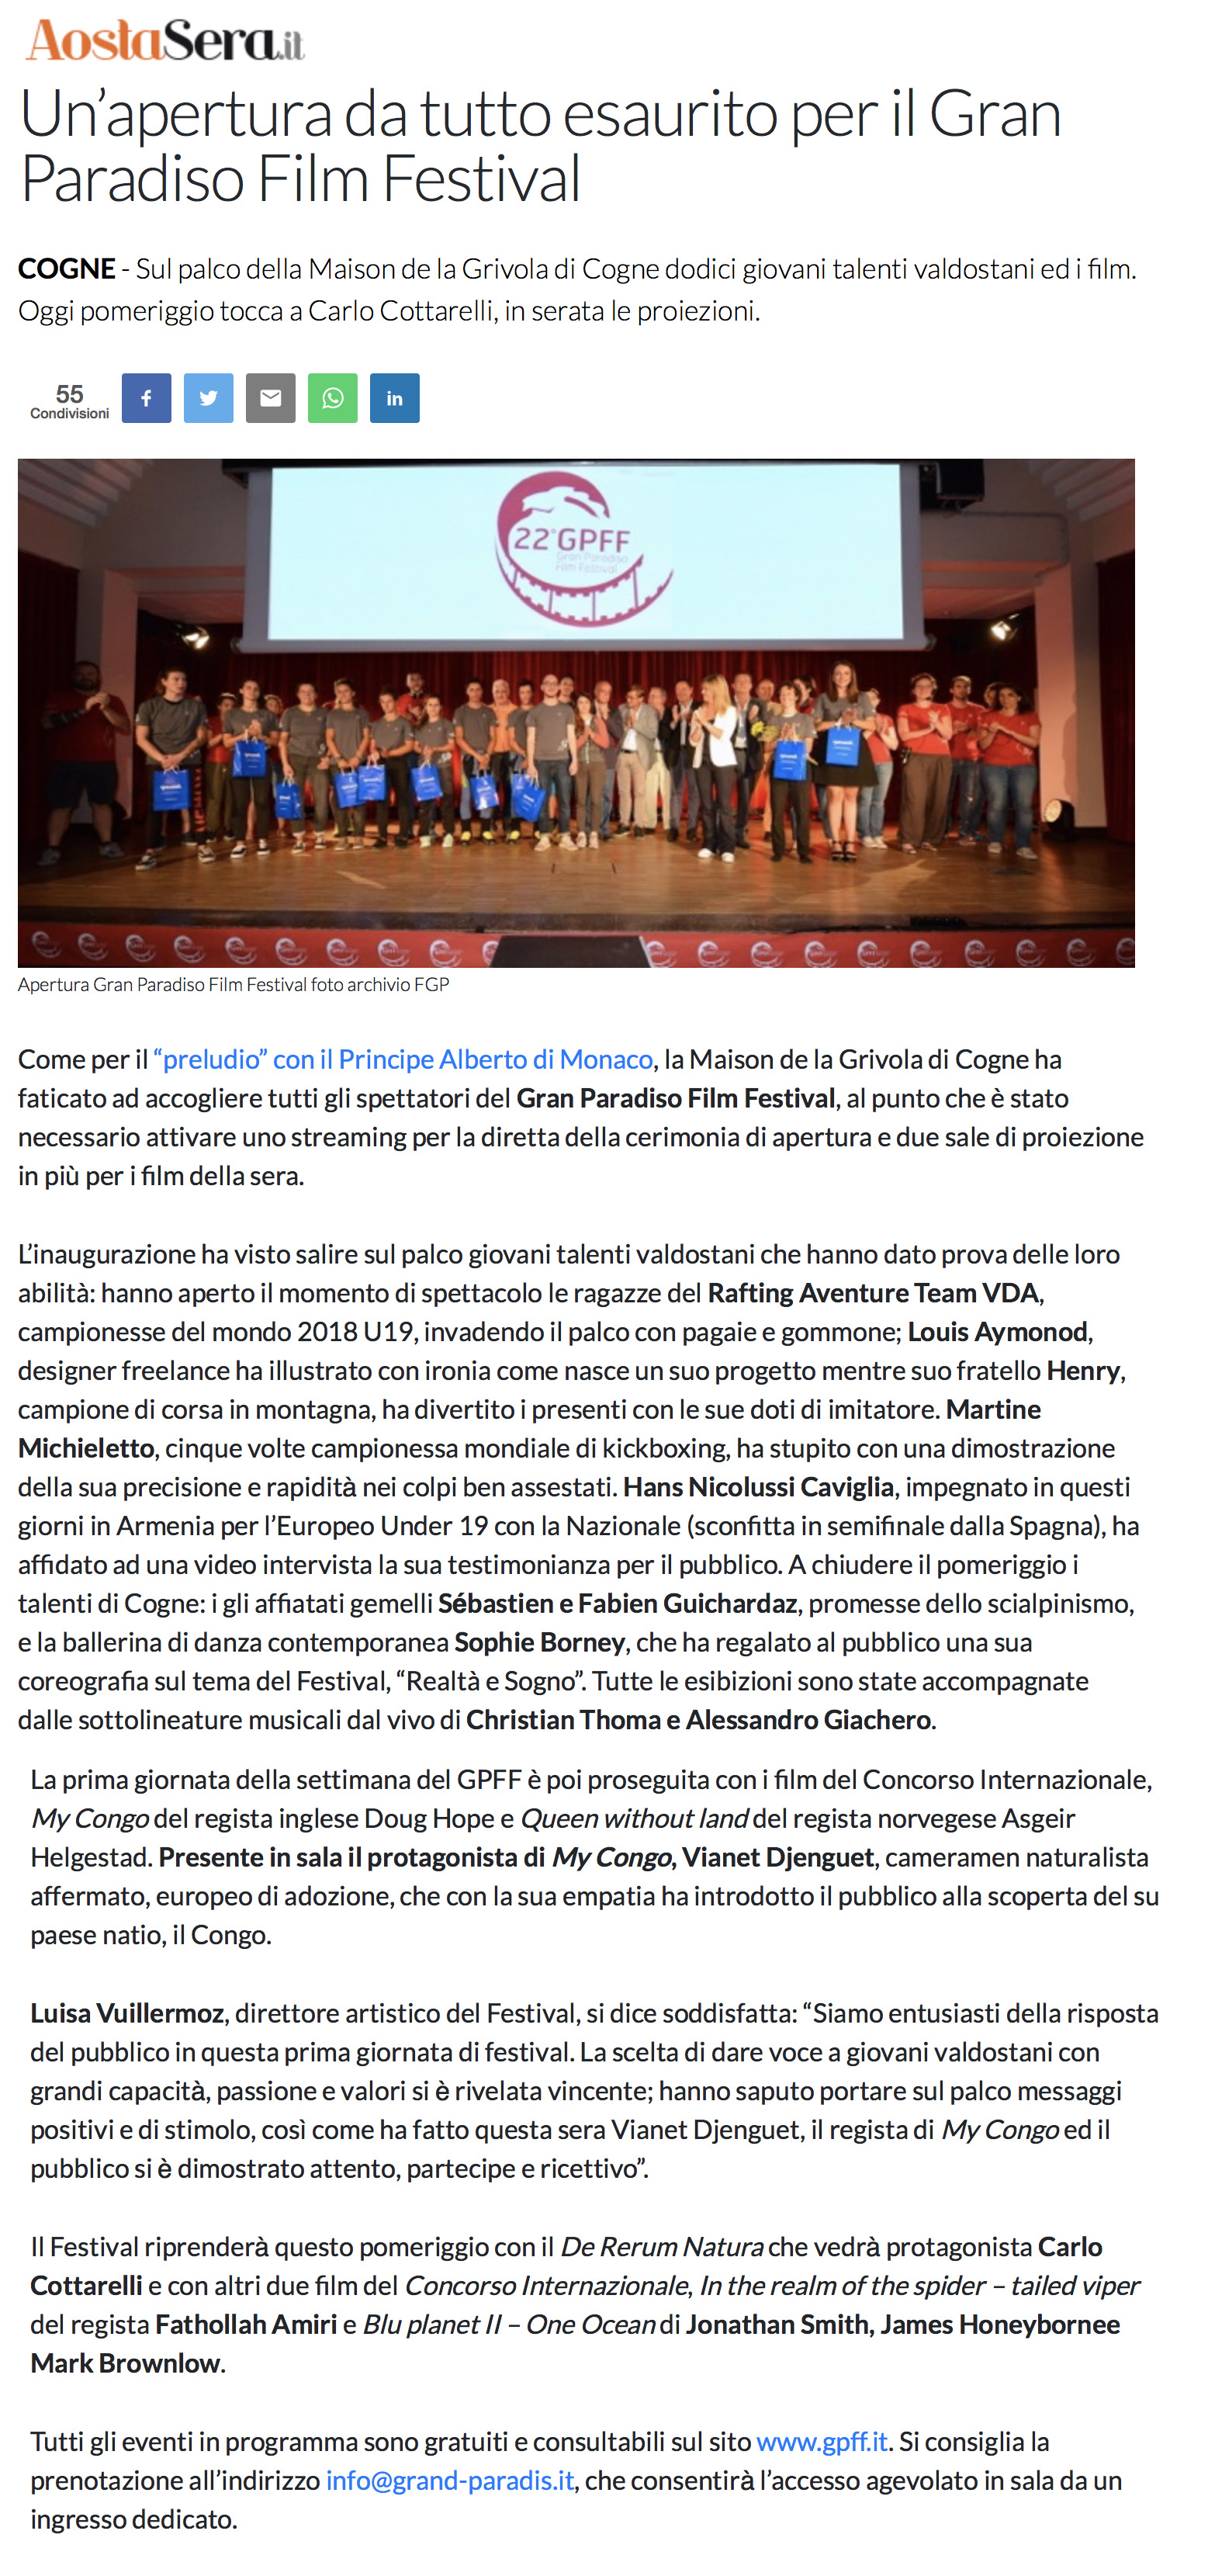 2019-07-22 AostaSera - Un apertura da tutto esaurito per il Gran Paradiso Film Festival